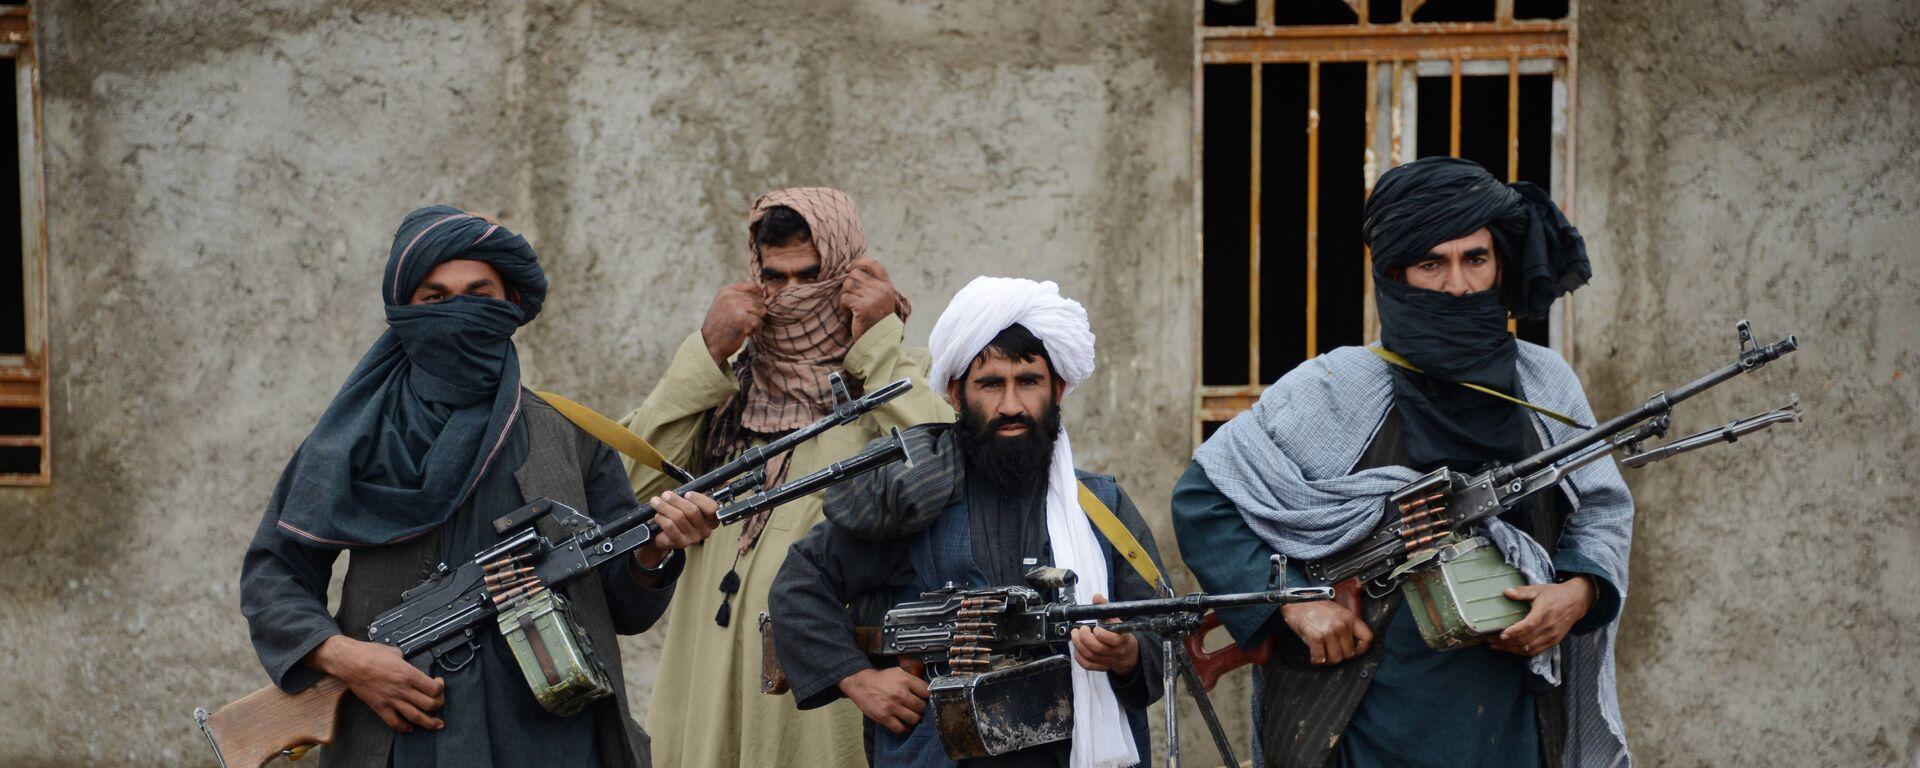 Афганские талибы, архивное фото - Sputnik Таджикистан, 1920, 09.07.2021